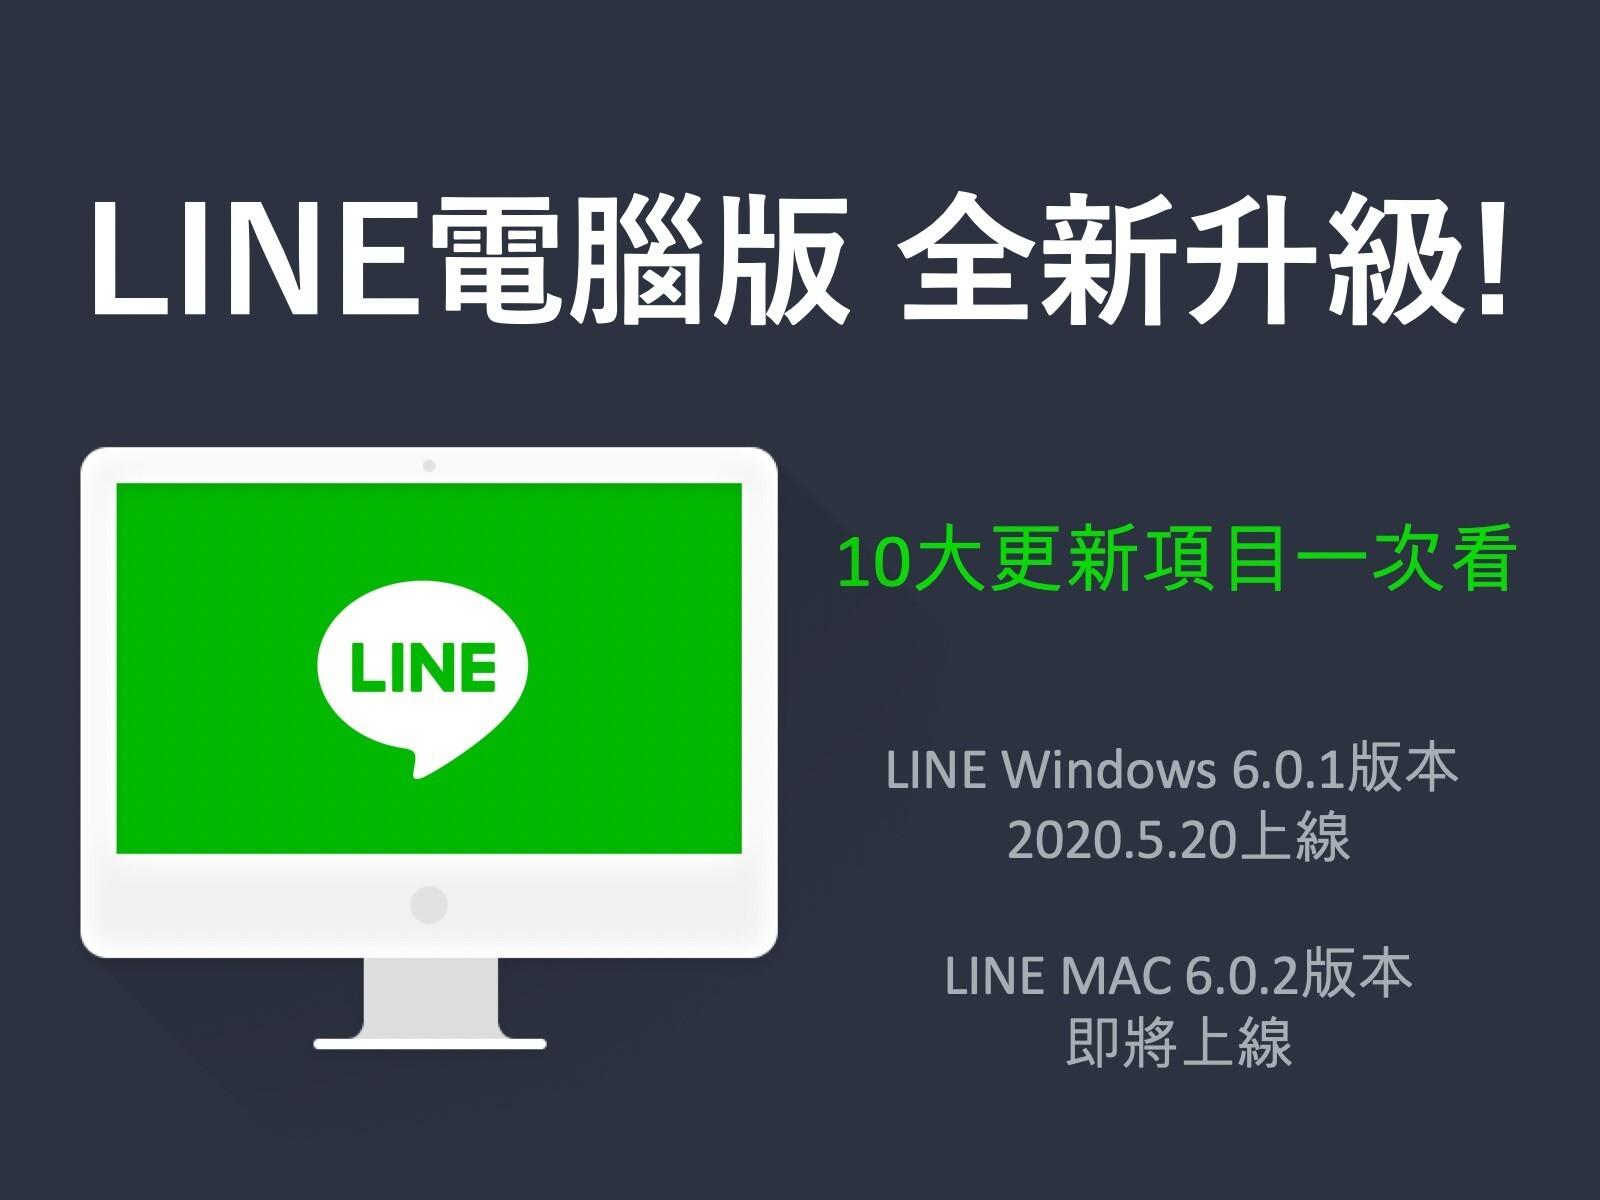 line 電腦 版 輸入 法